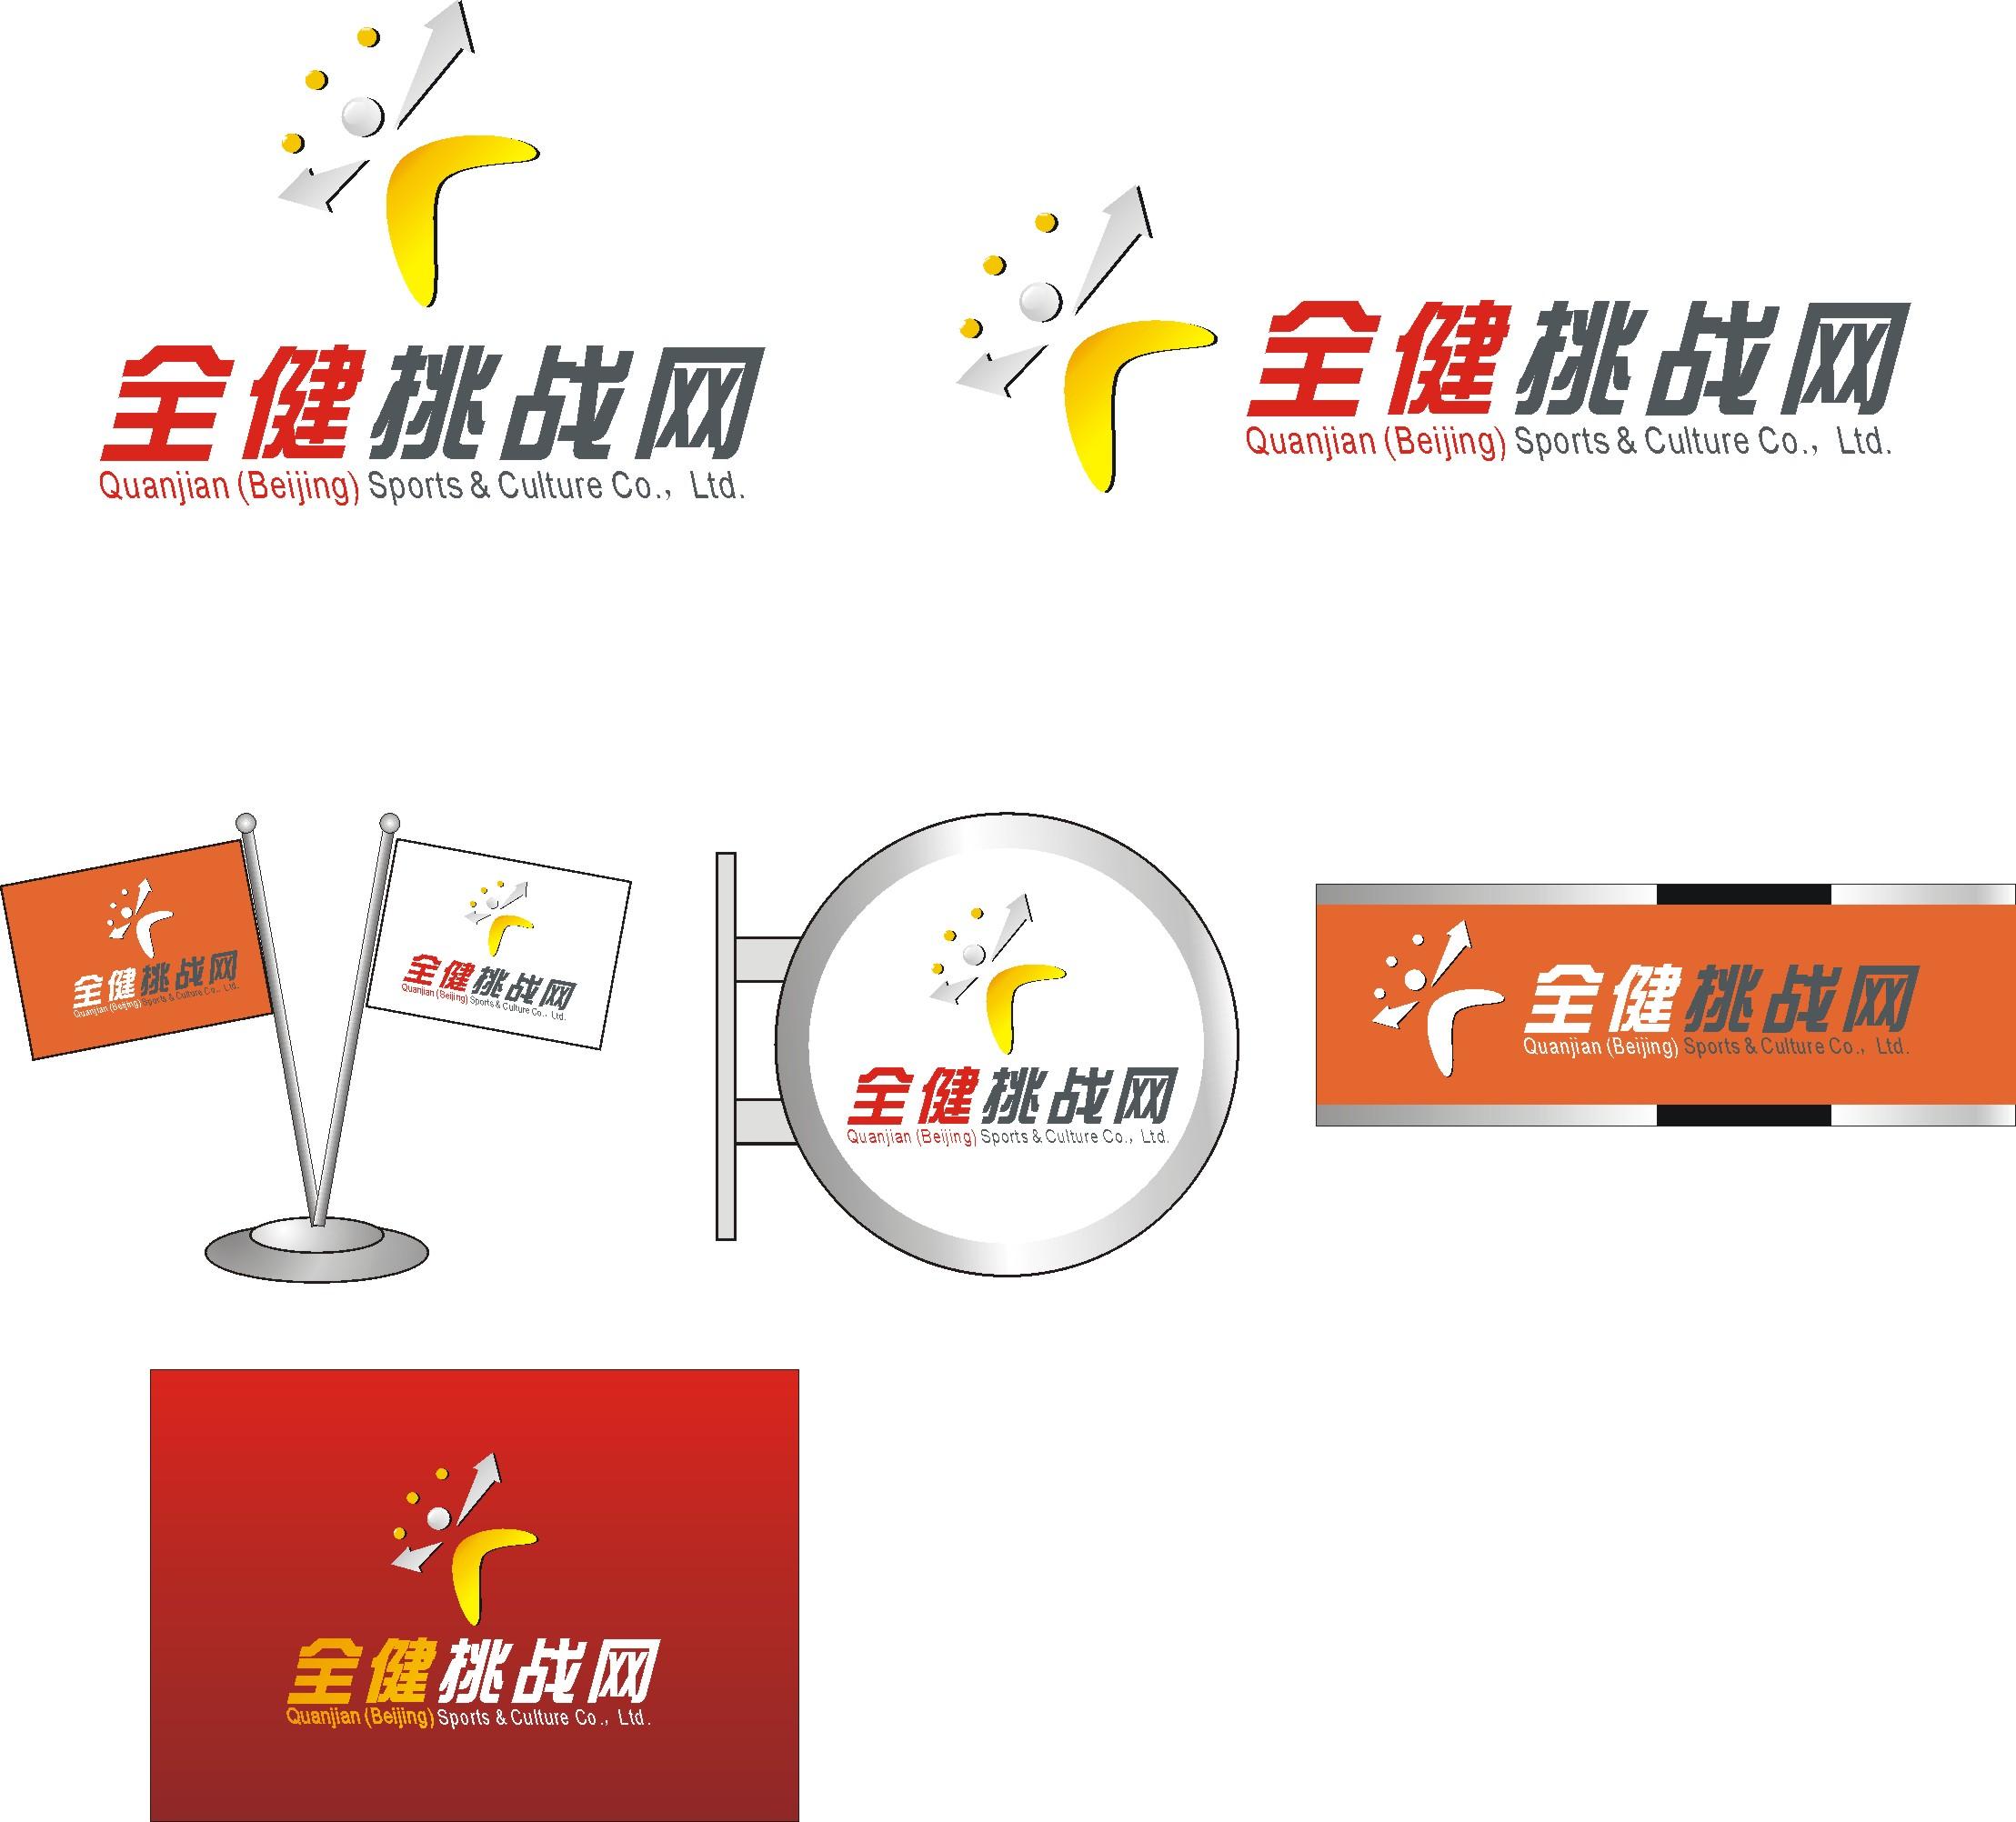 体育文化有限公司logo及名片设计_293488_k68威客网